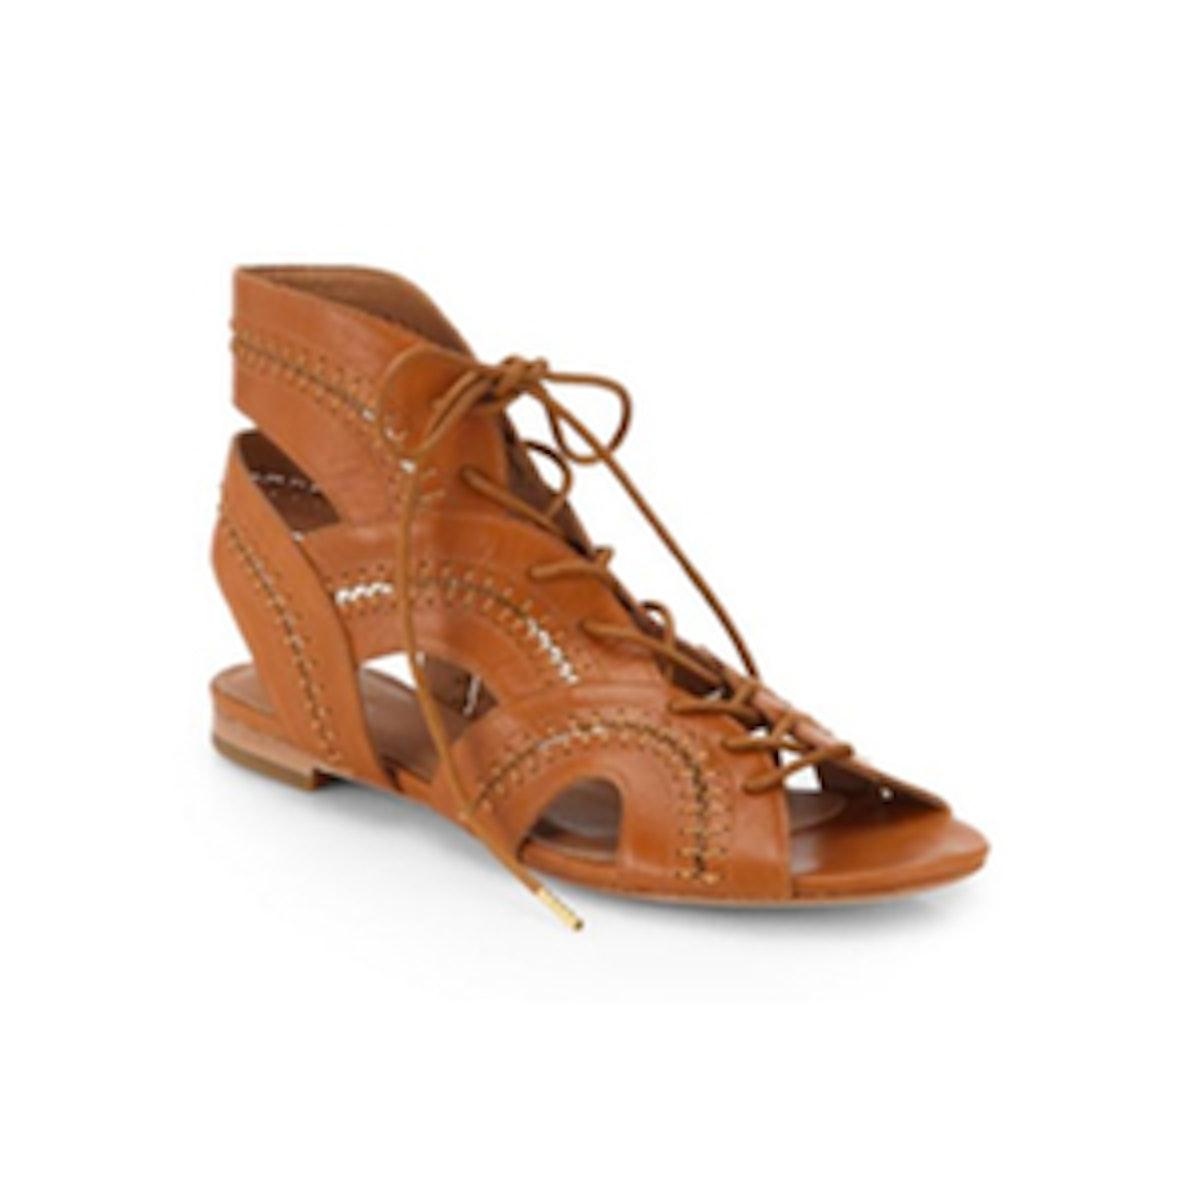 Toledo Lace-Up Sandals